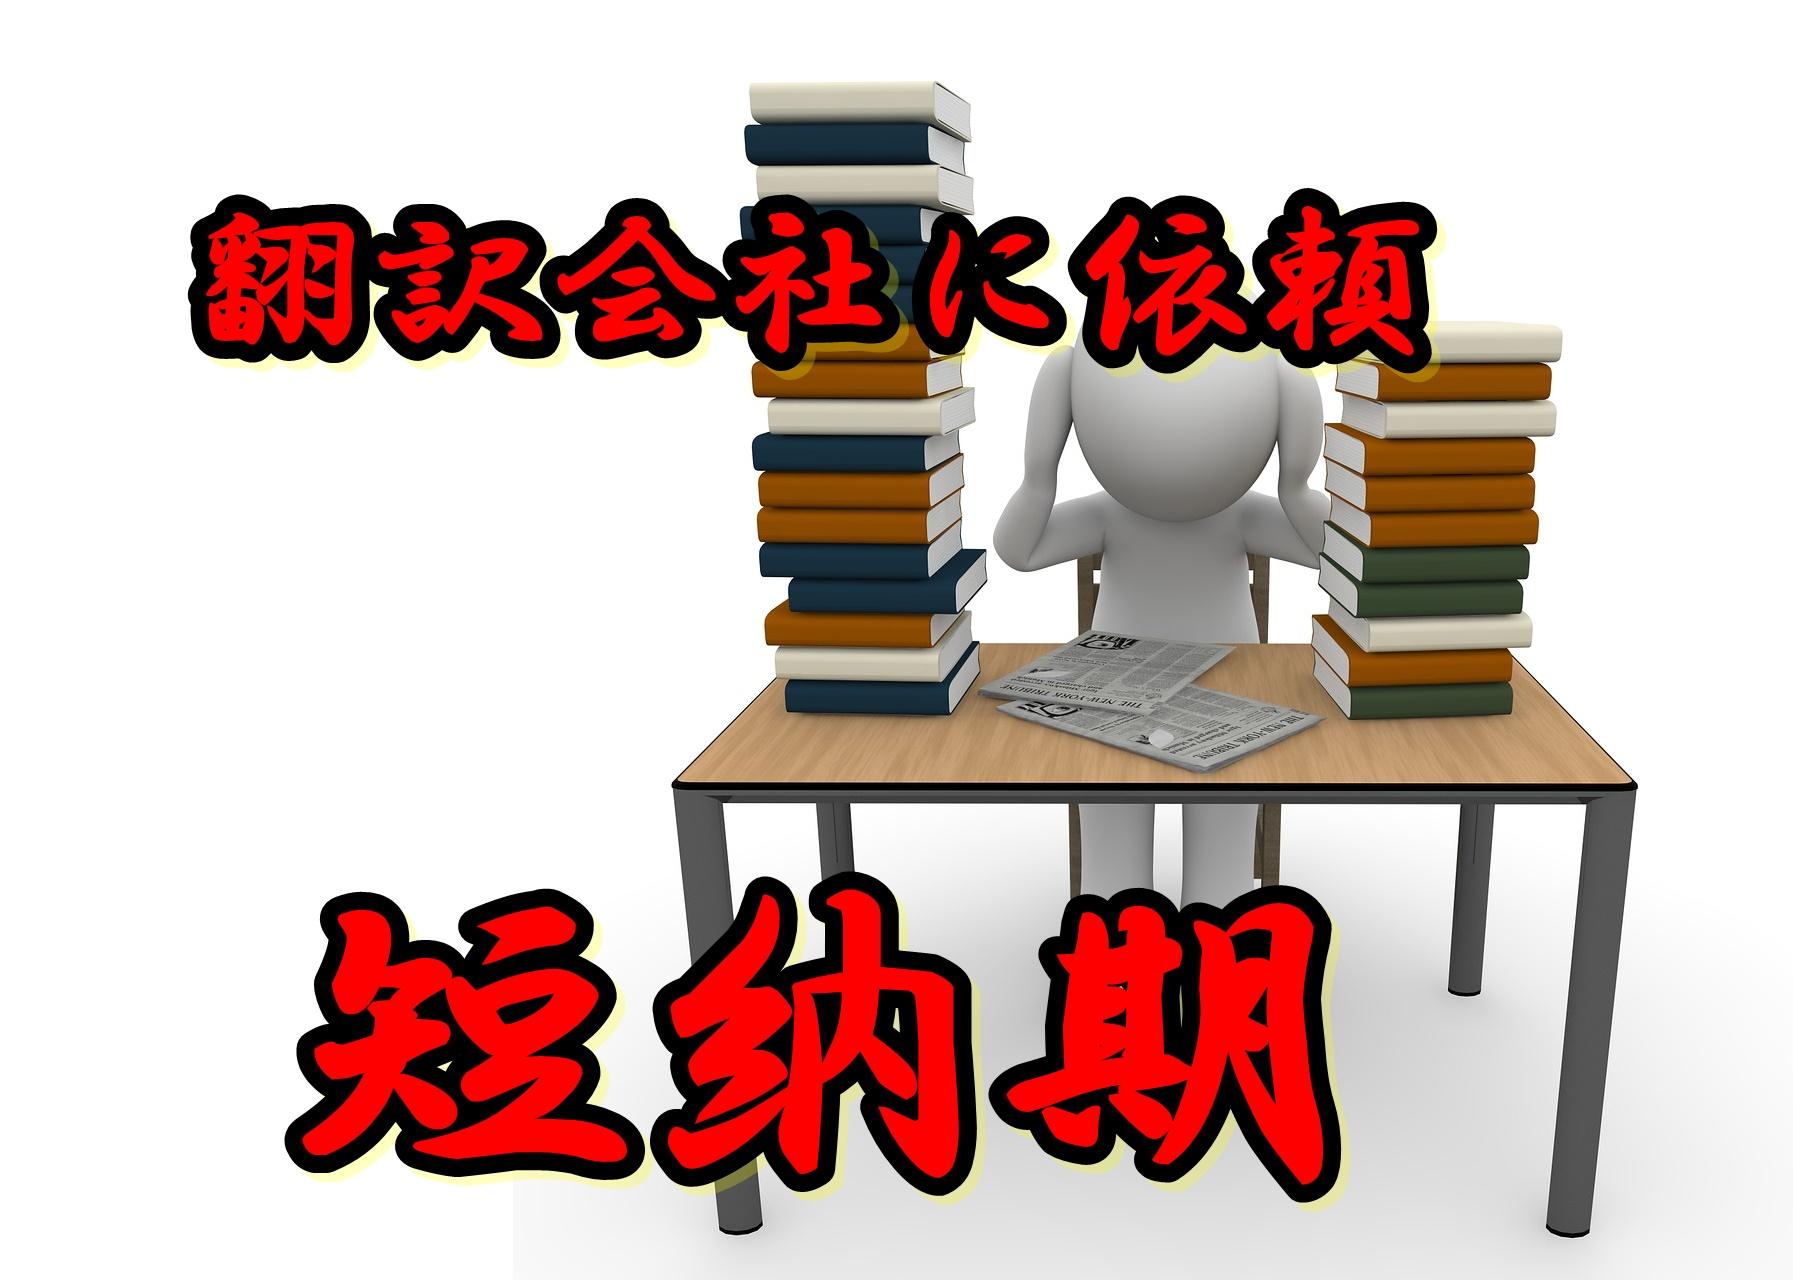 翻訳会社に依頼する際、納期を早めるにはどうすればいい?